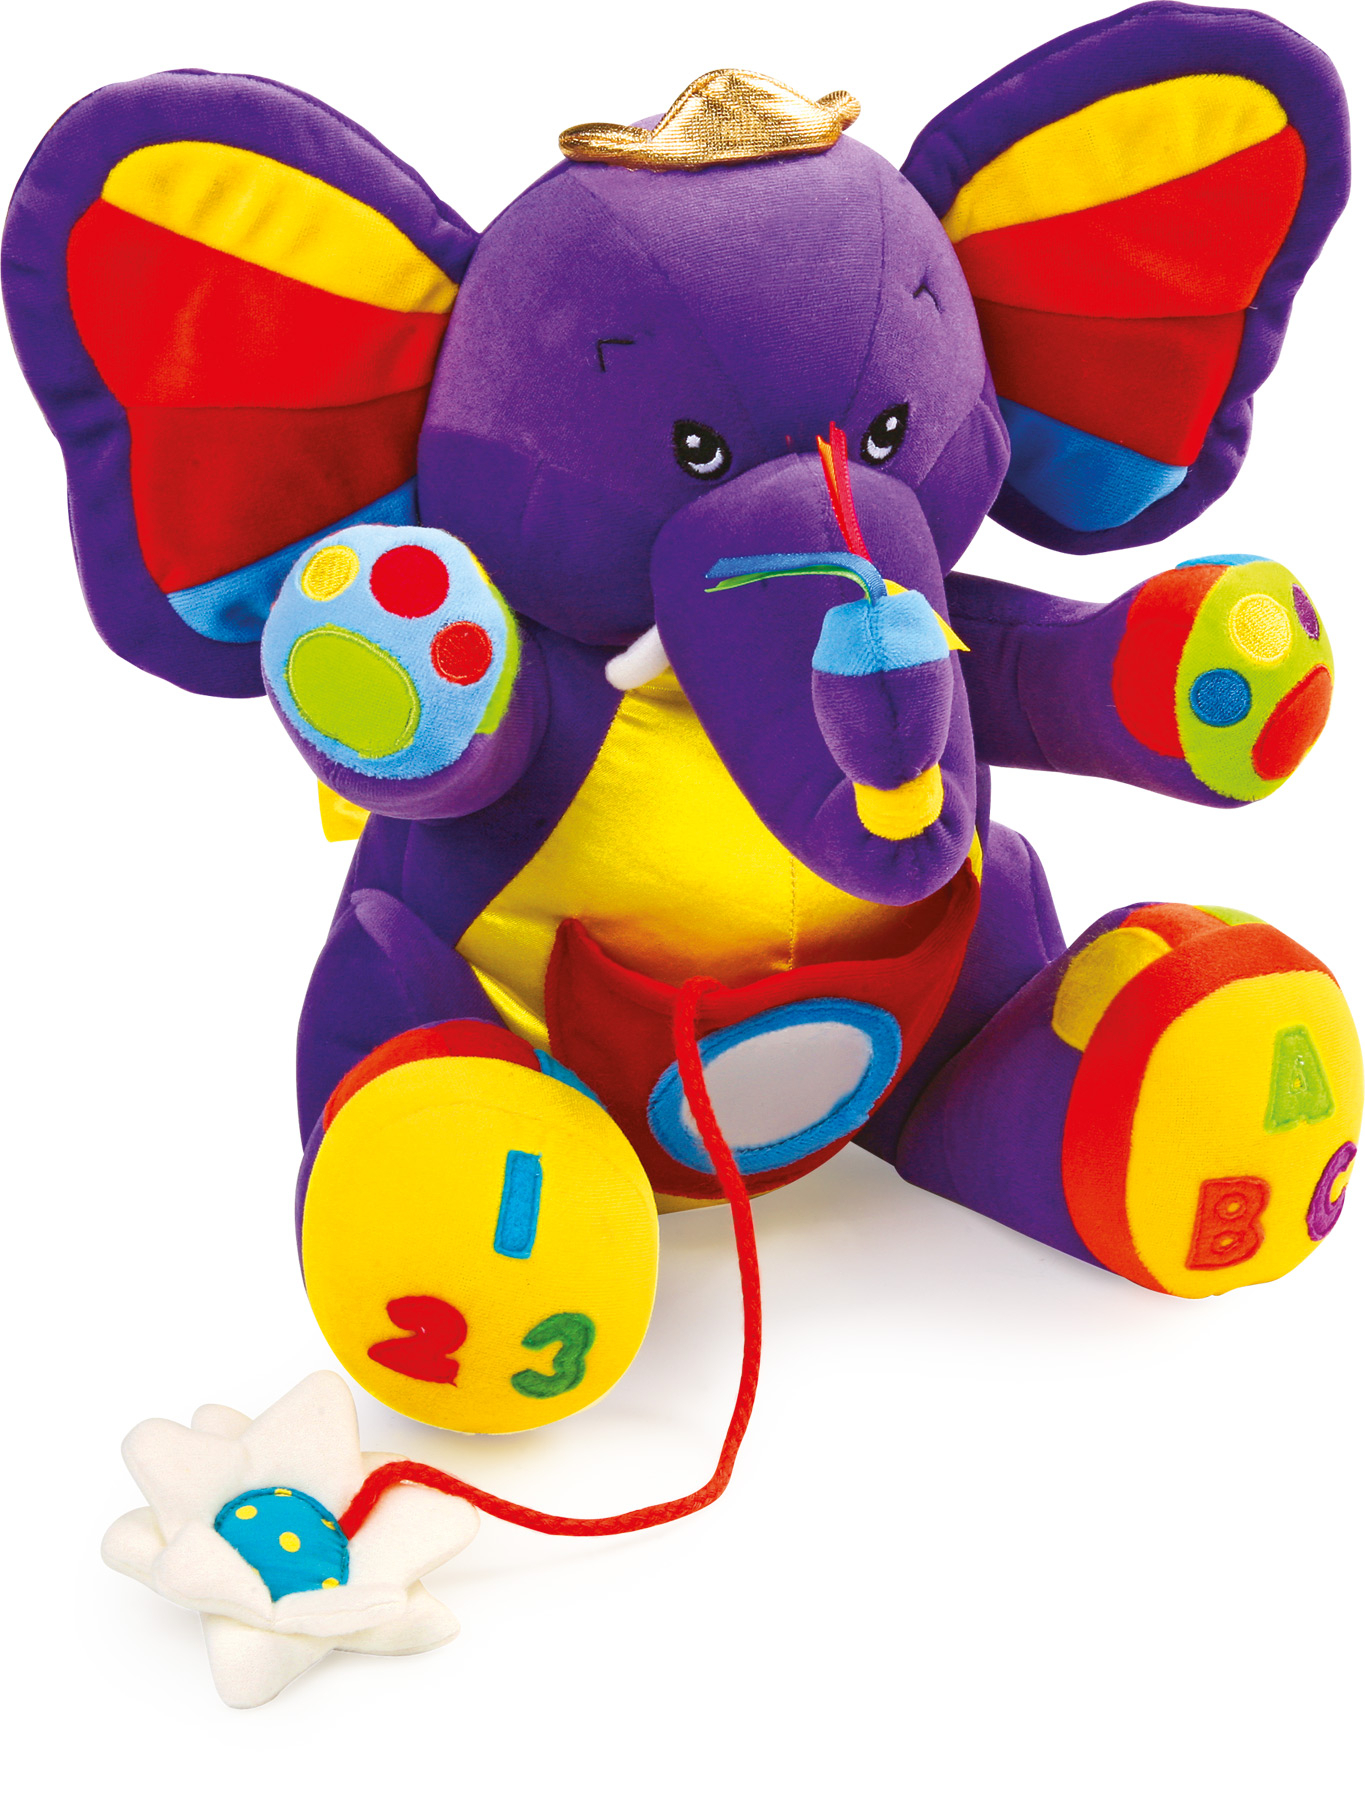 Éléphant «Lili» - Jouets En Tissu - Jouets Pour Bébé intérieur Jeux Bebe Lili